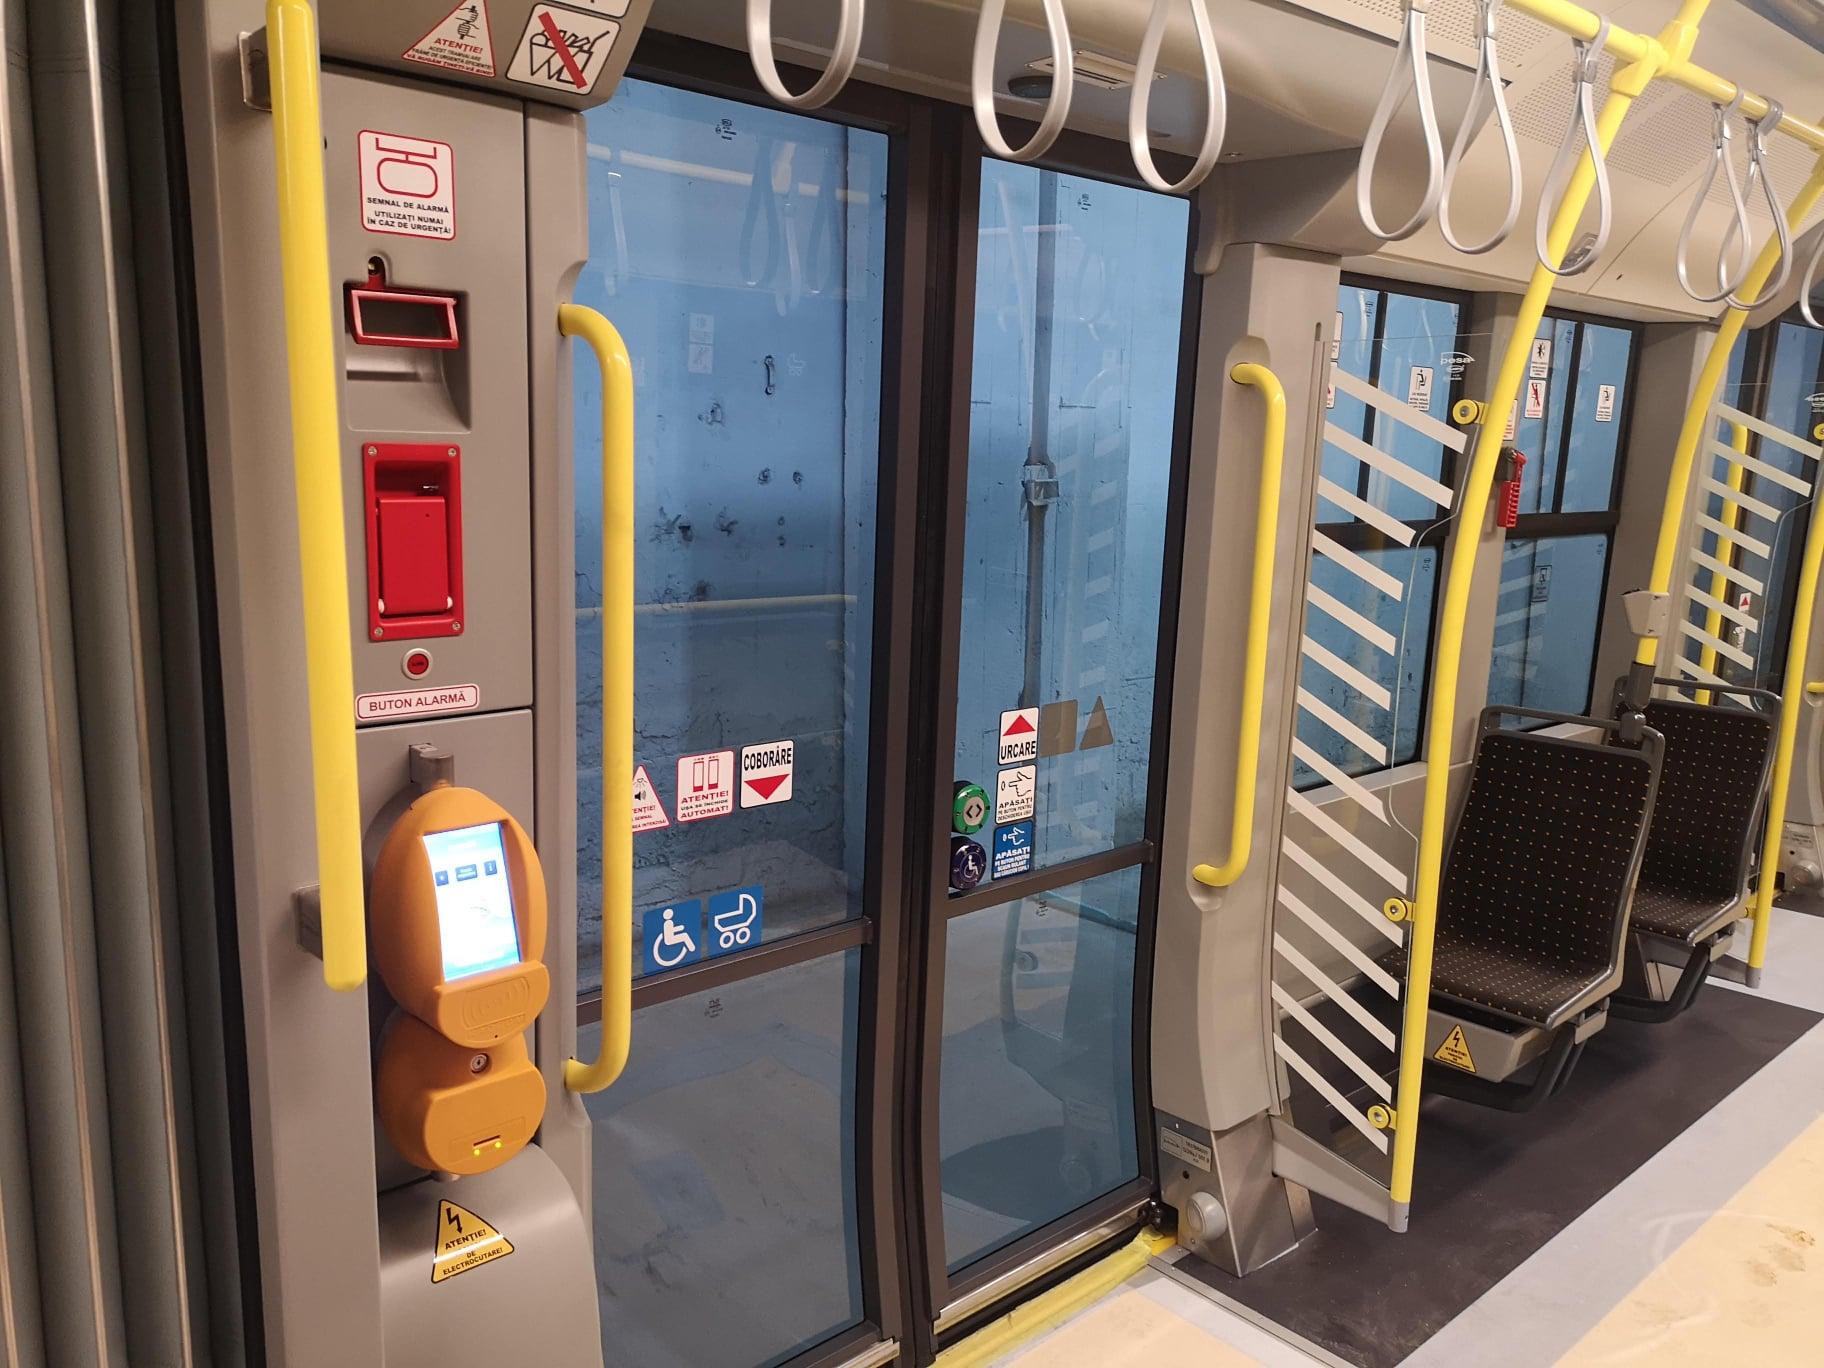 tramvai-interior (2)